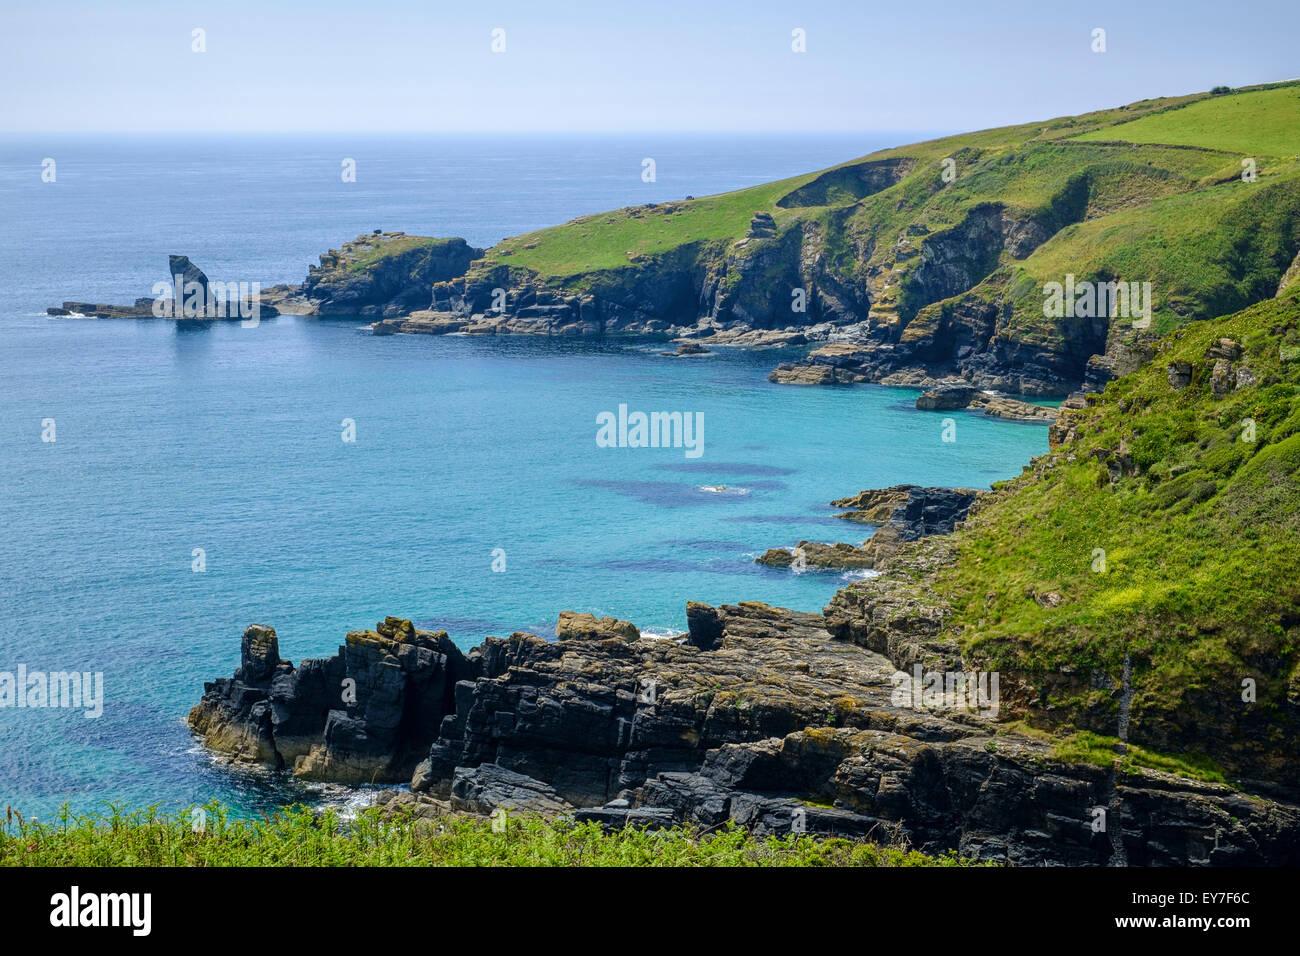 Vista desde el sur de la costa de Cornwall West Coast Ruta Housel Bay, la península de Lizard, en el oeste Imagen De Stock